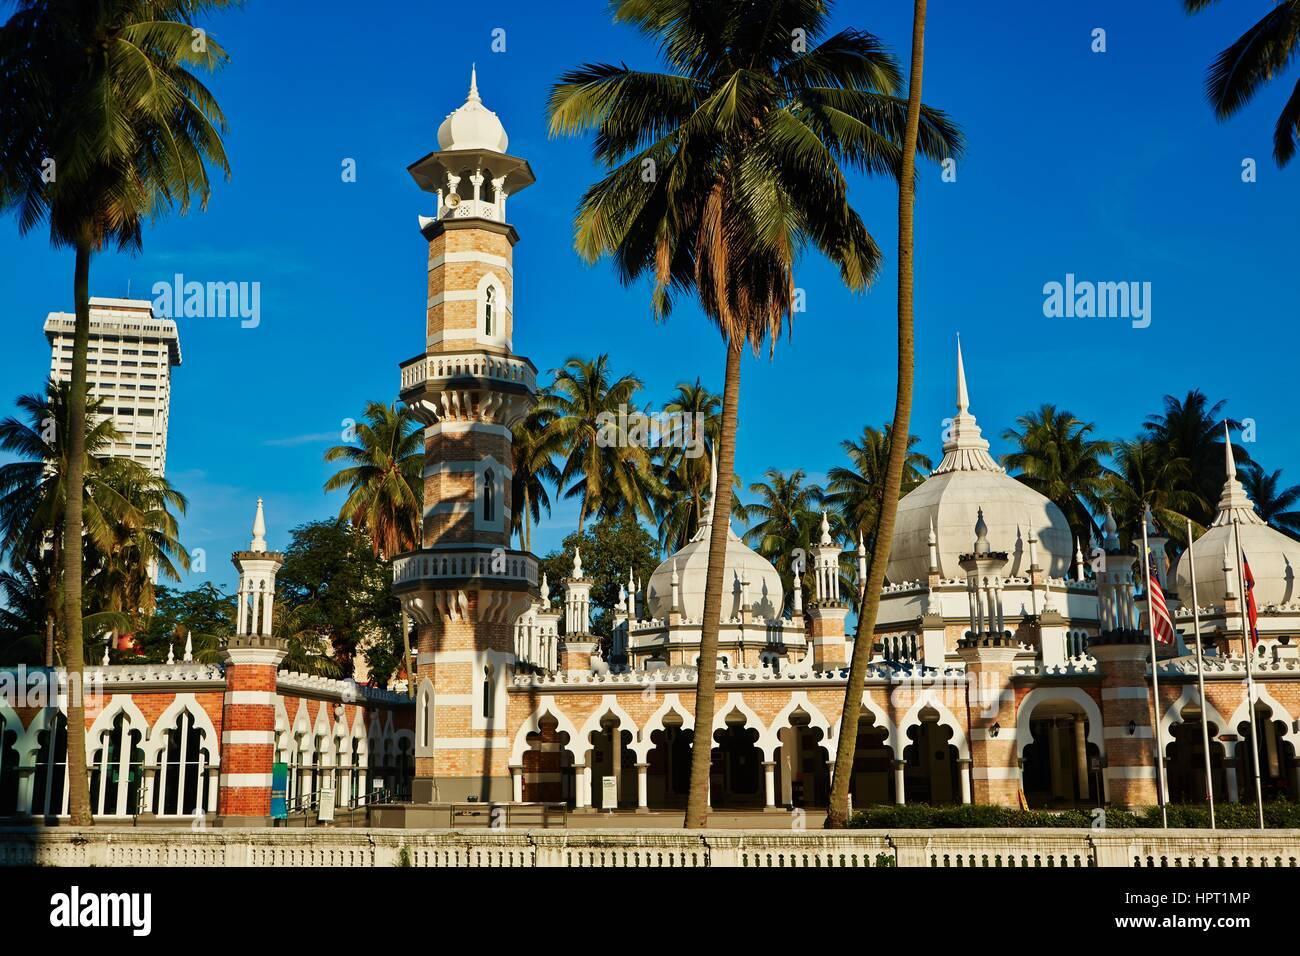 Mosque Masjid Jamek in Kuala Lumpur, Malaysia - Stock Image